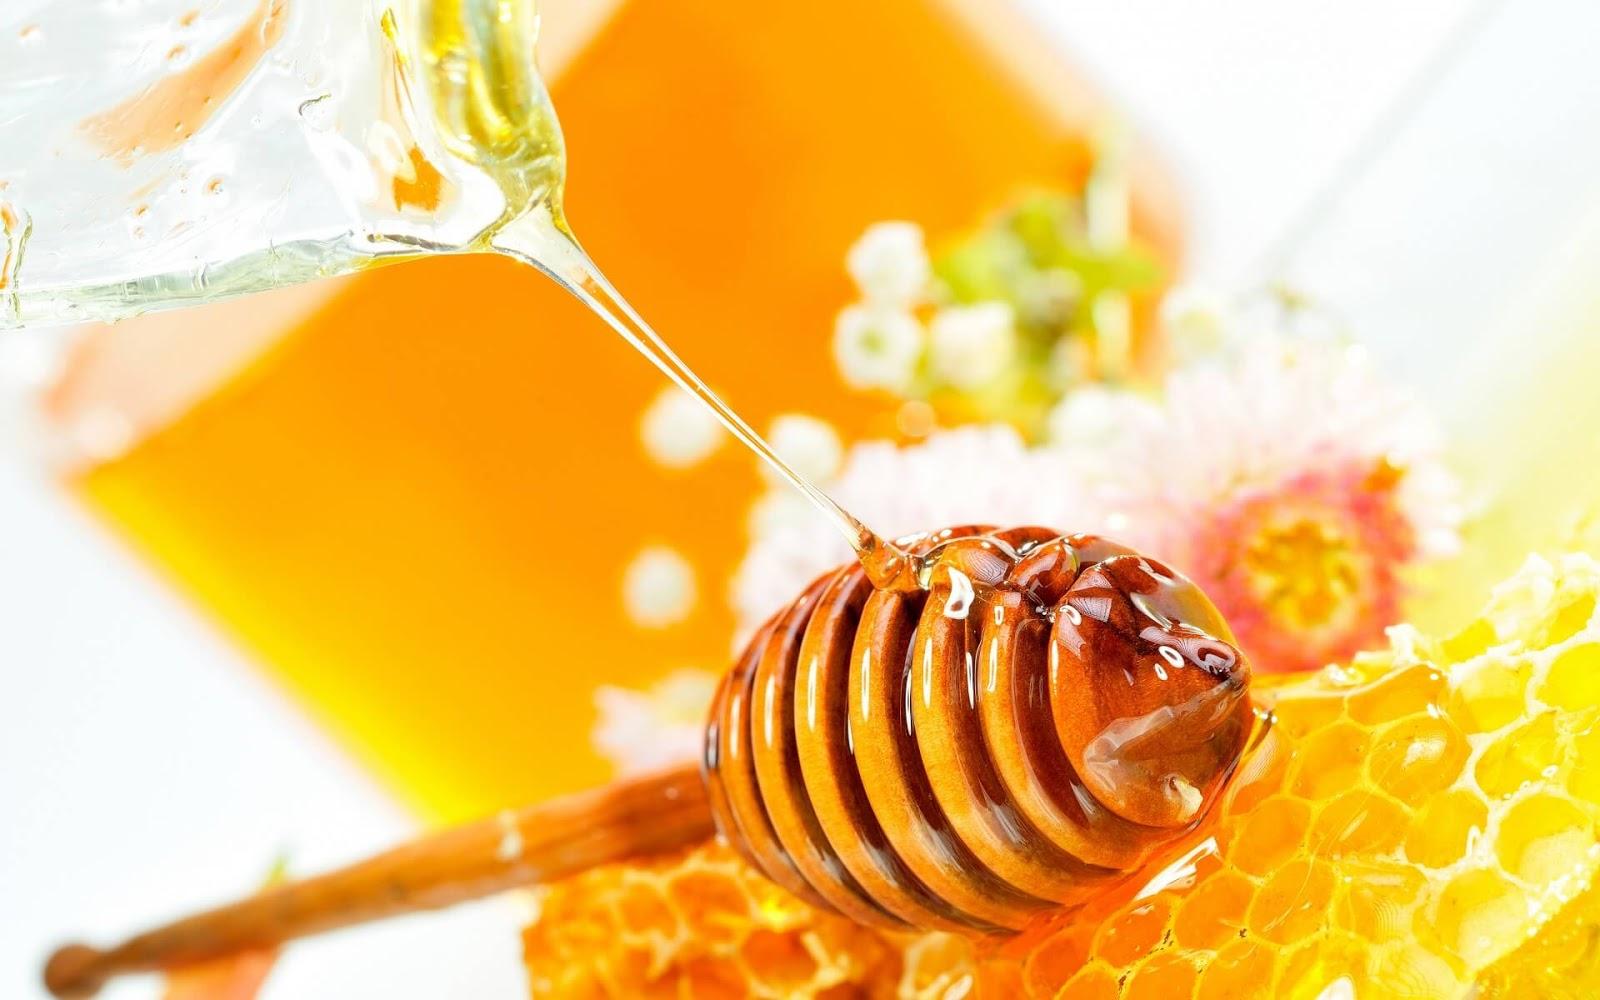 صور ماسك للوجه بالعسل , فوائد ماسك العسل للوجه